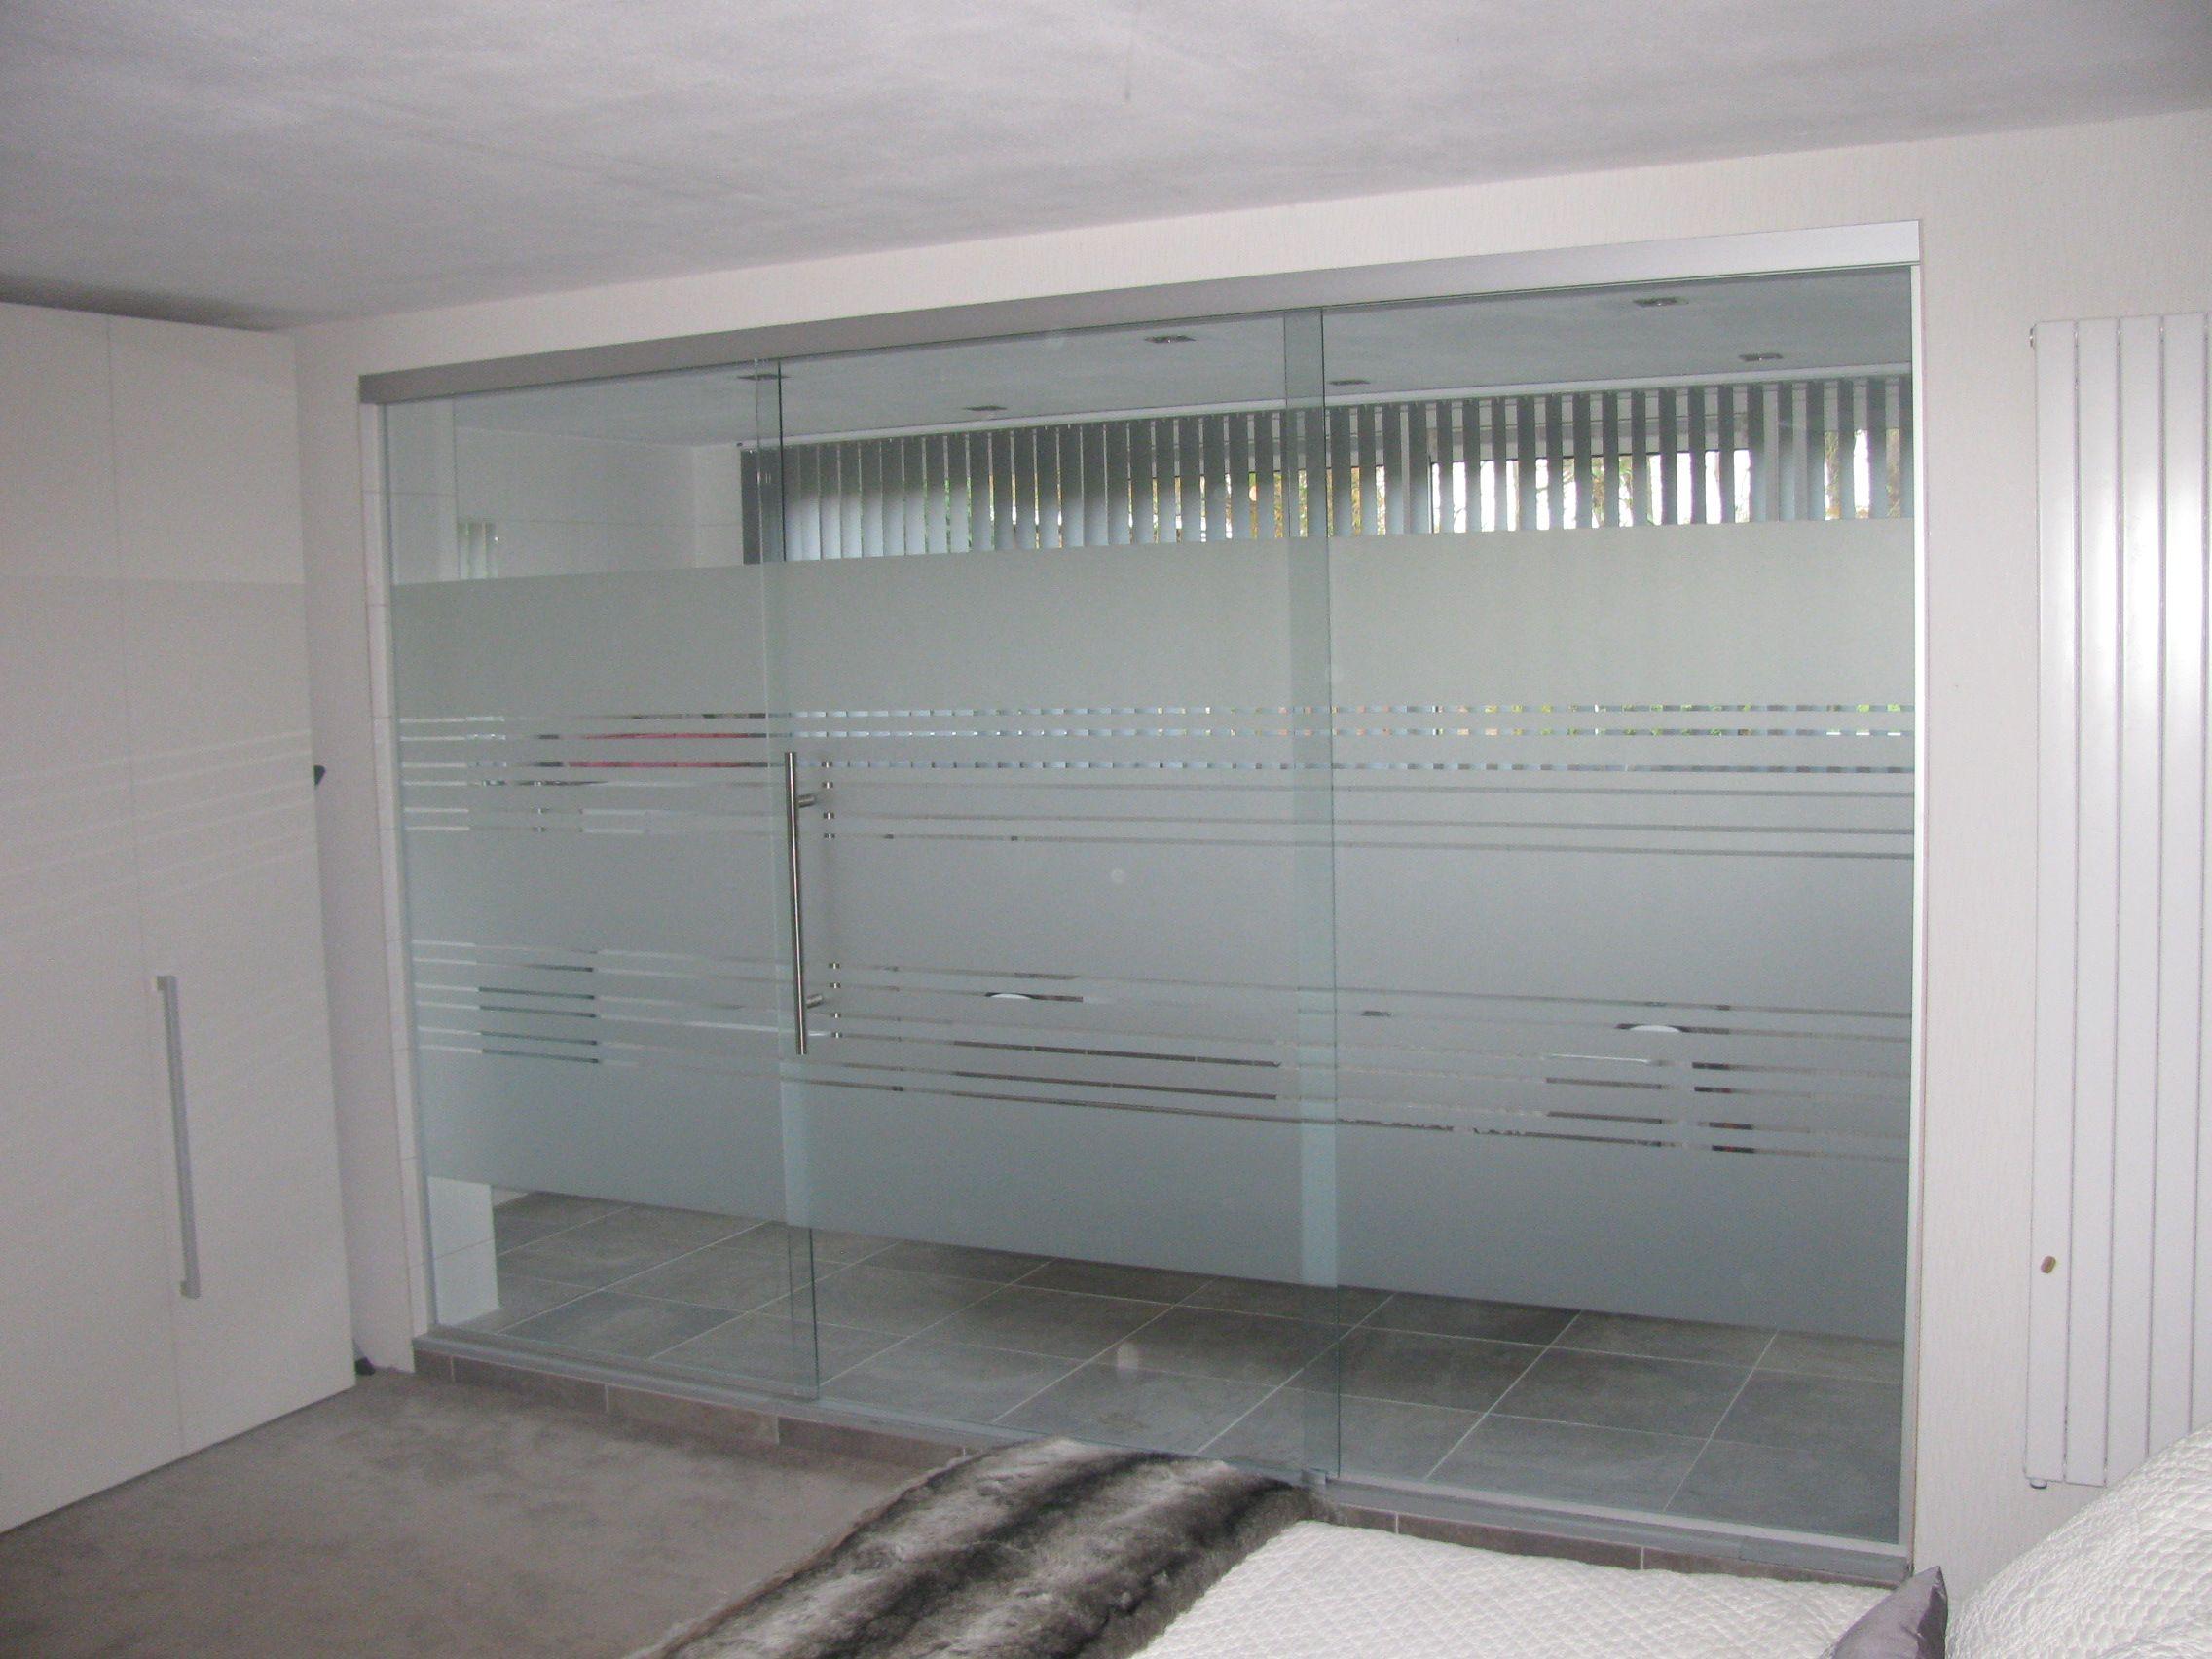 Avery Dusted Glass Streepjes Folie In Een Badkamer